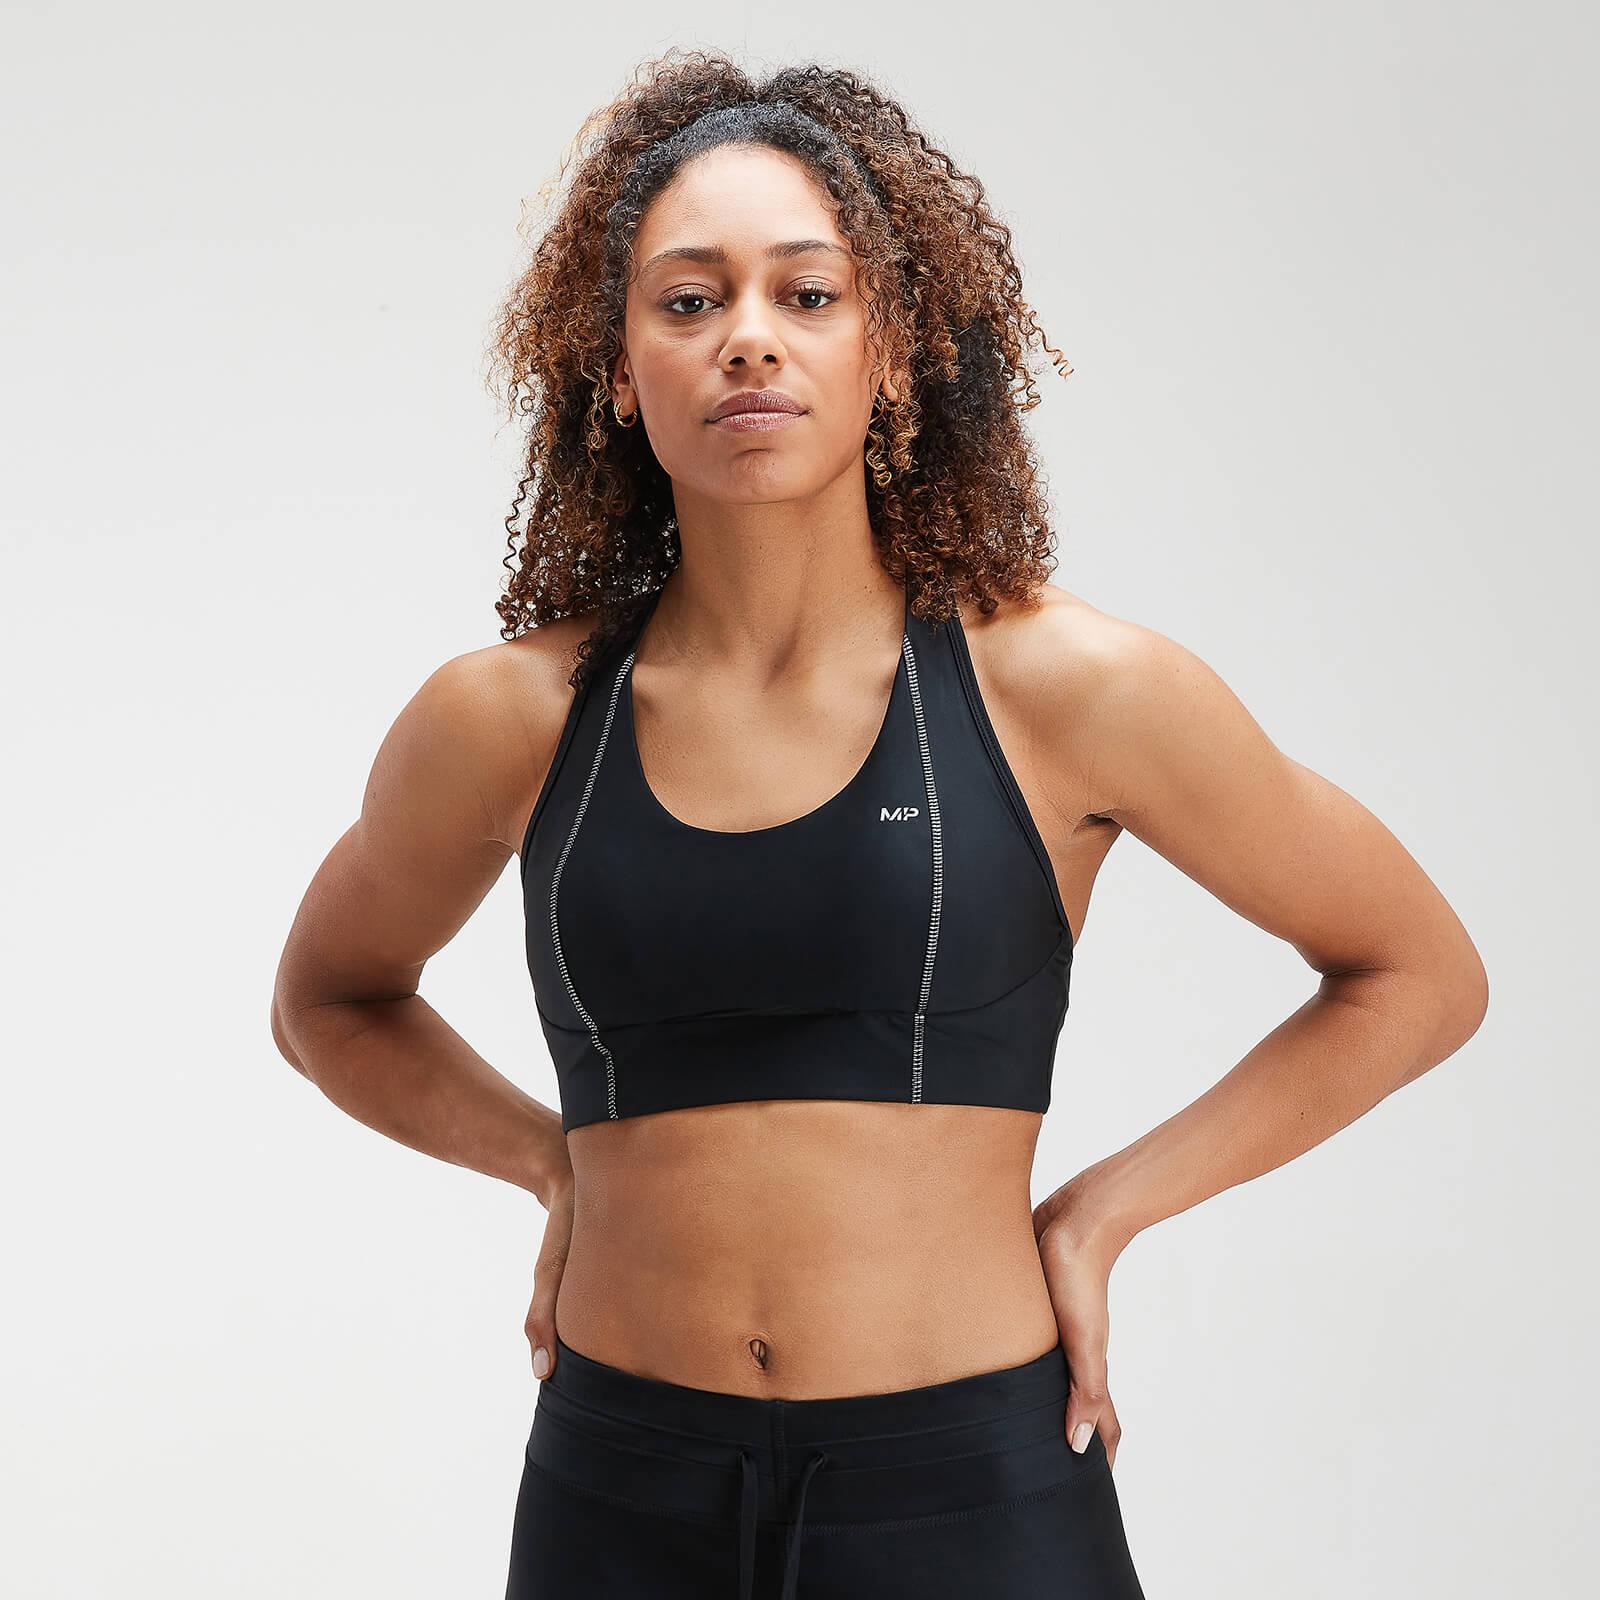 Brassière de sport MP Velocity pour femmes–Noir - XS